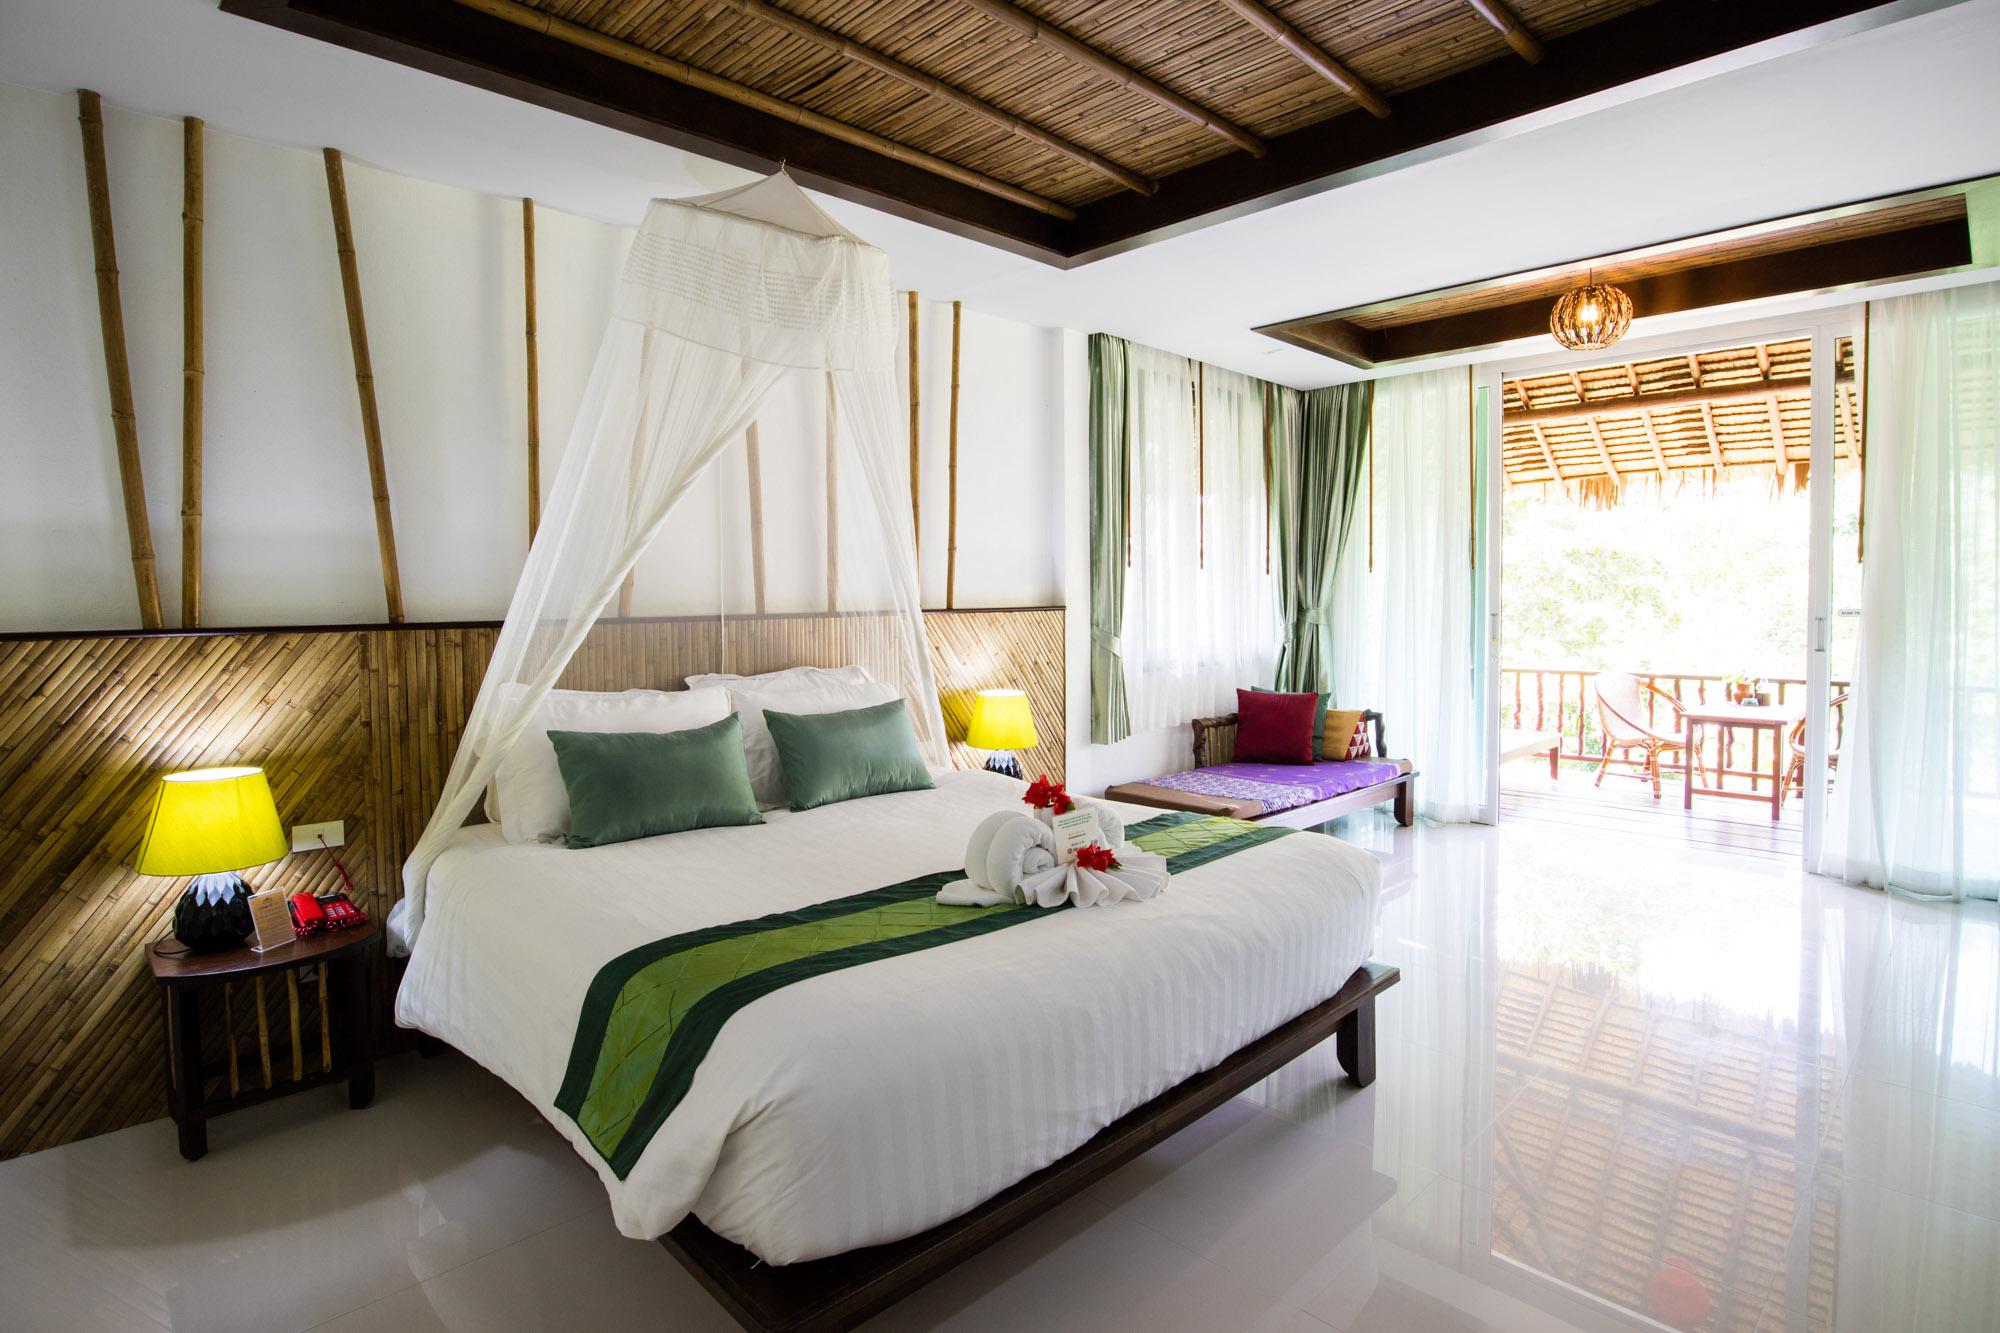 รีวิวโรงแรมมุสลิม บ้านใสใน รีสอร์ท ฮาลาล อ่าวนาง กระบี่  บ้านใสใน รีสอร์ท Ban Sainai Resort อ่าวนาง กระบี่ IMG 2028